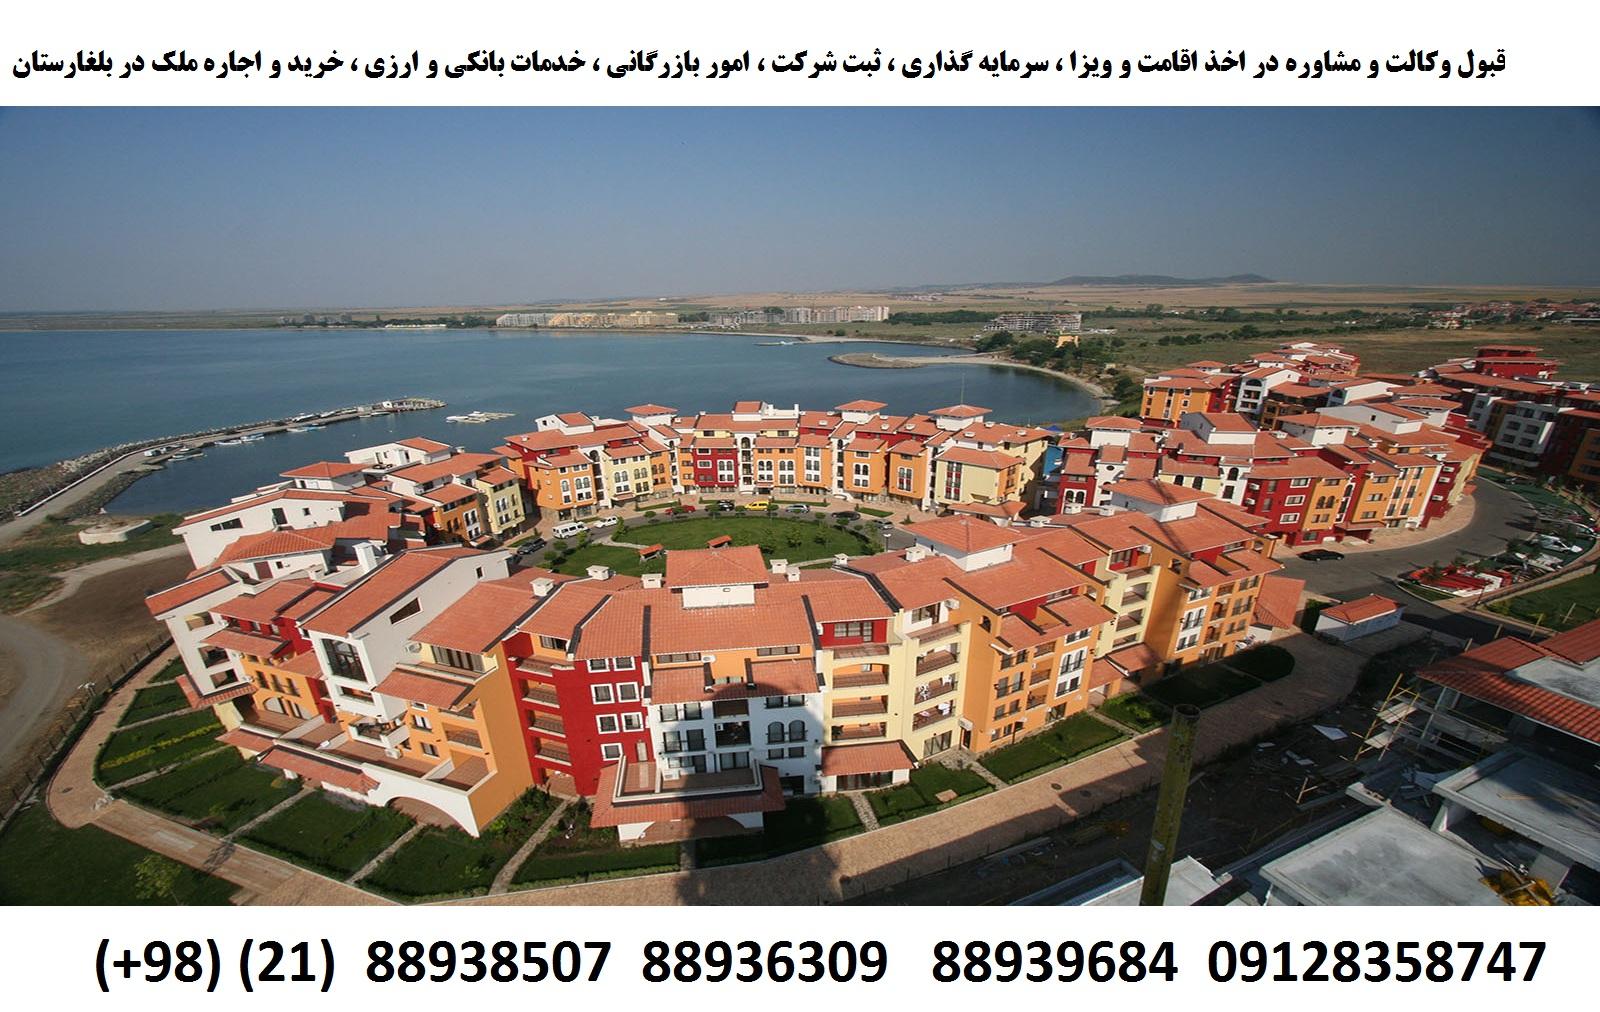 اقامت ، ویزا ، ثبت شرکت سرمایه گذاری در بلغارستان (3)